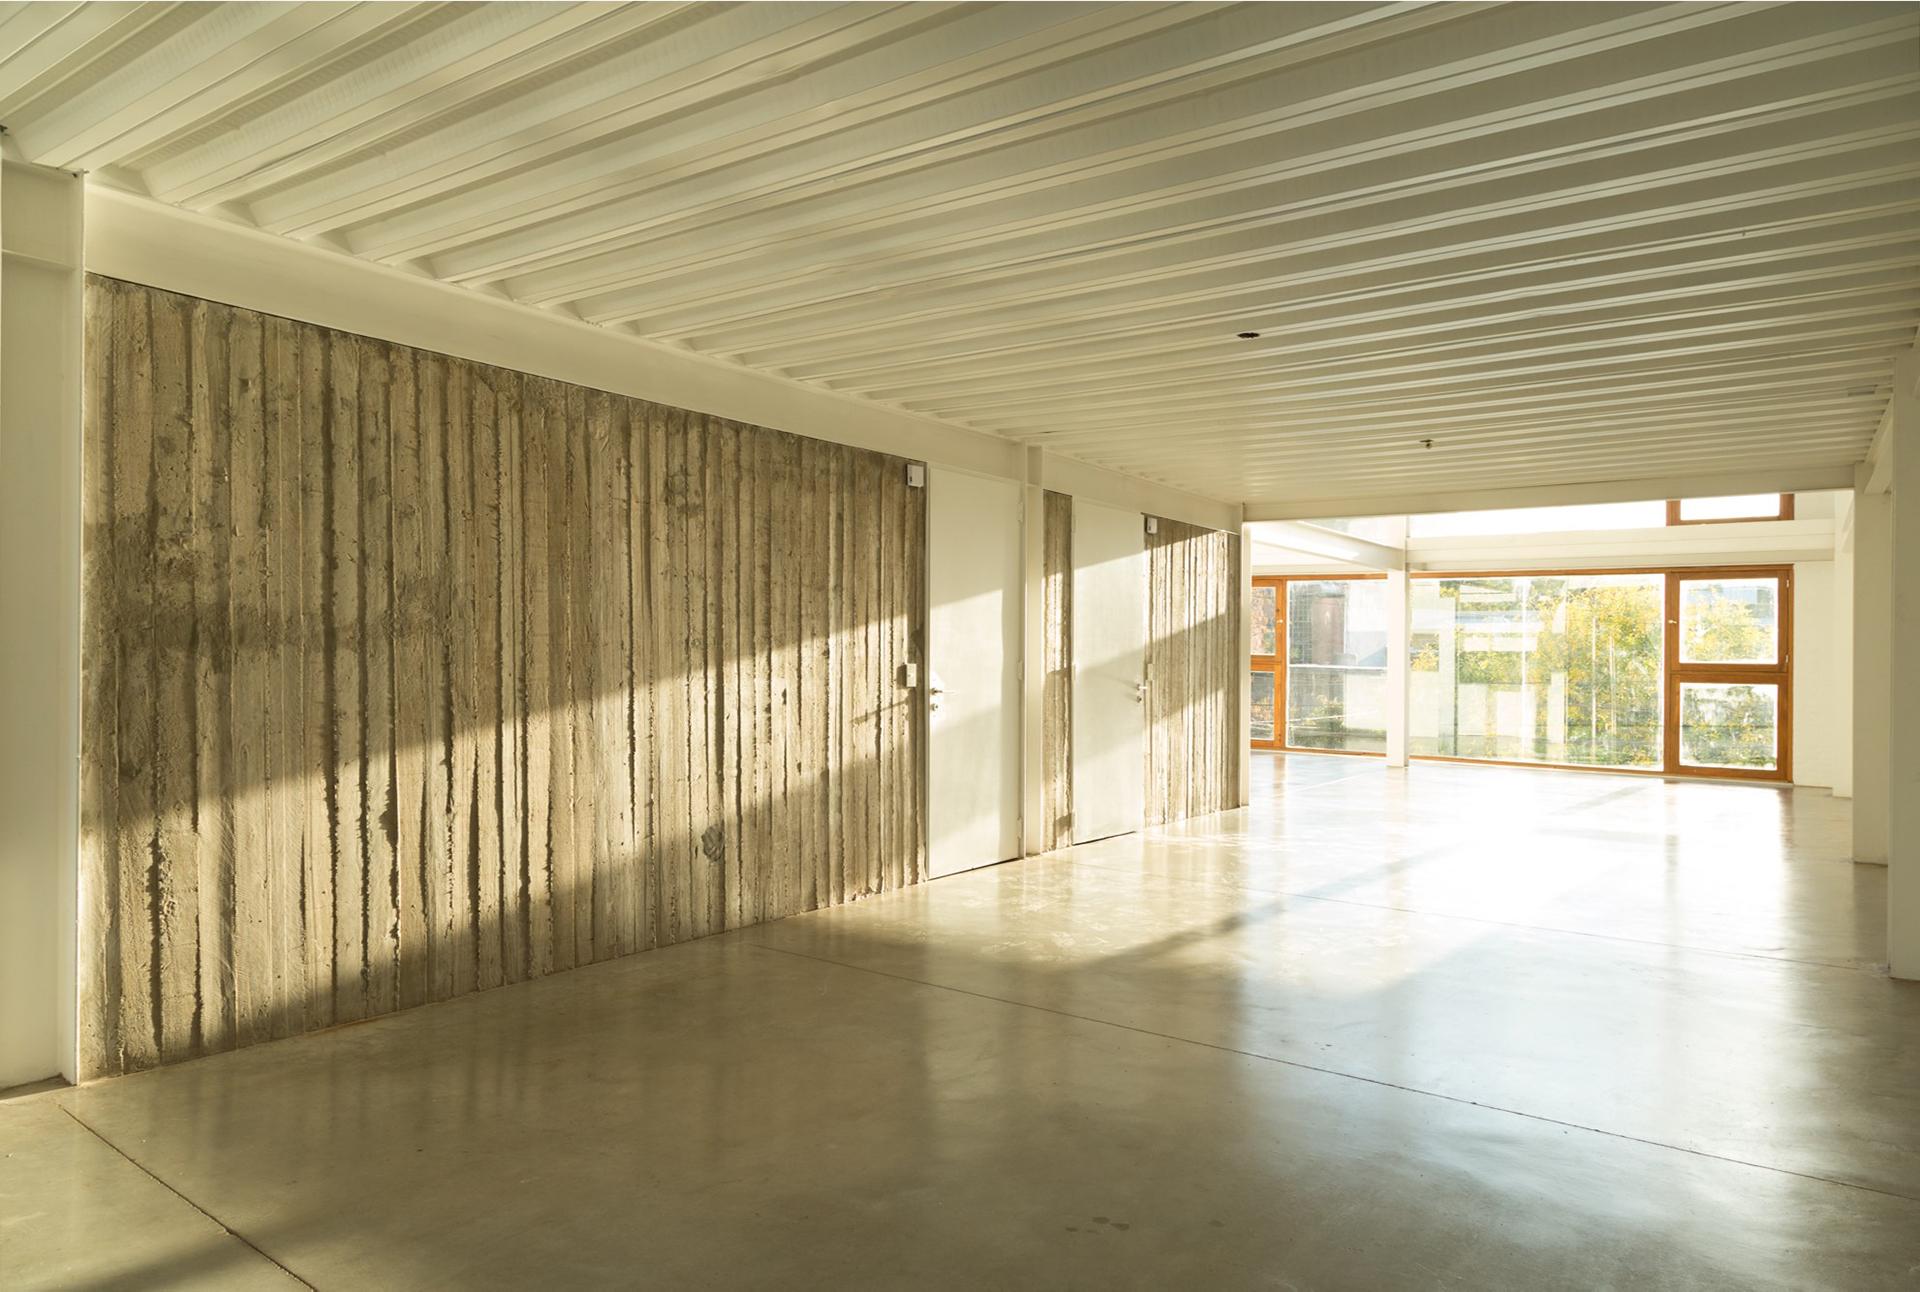 Esta planta libre se planteó por el estudio Hermanos Goldenberg, desde su concepción para el uso de oficinas